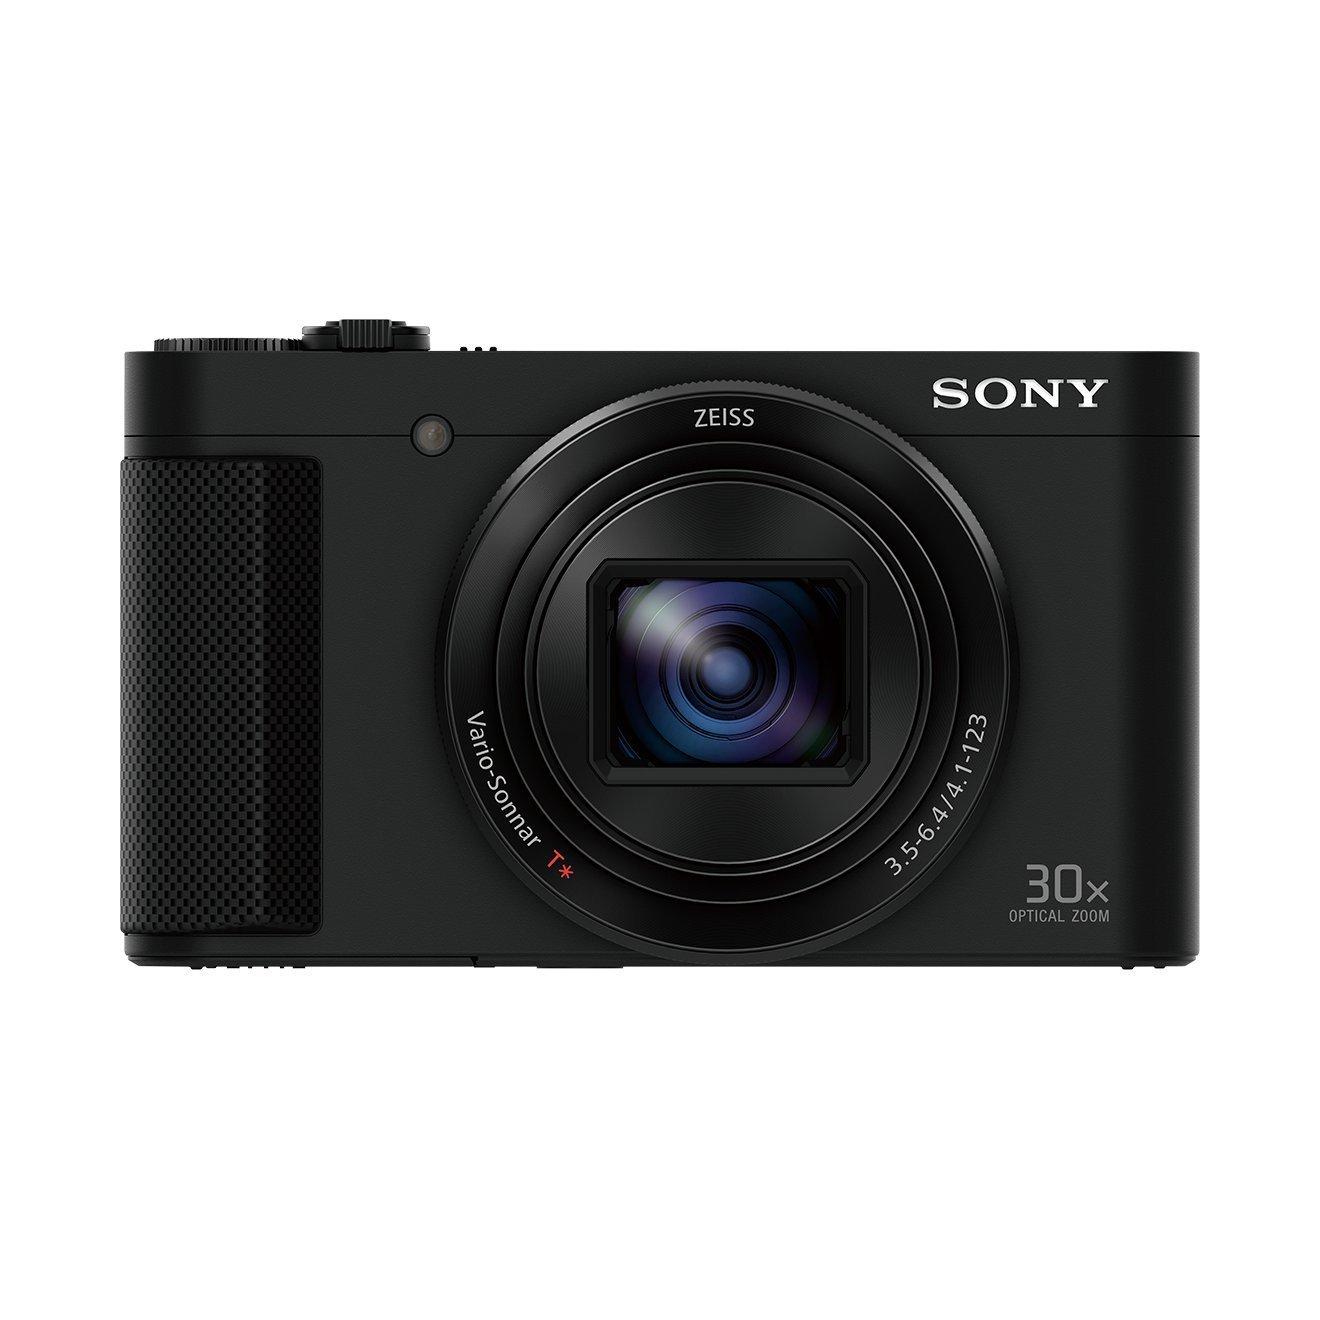 (Amazon.fr) Sony DSC-HX90 - 18 MP Exmor R-CMOS Sensor, 30x opt. Zoom, 180 Grad schwenkbares Display, Oled Sucher, Zeiss Objektiv, WiFi, NFC für 303,20€